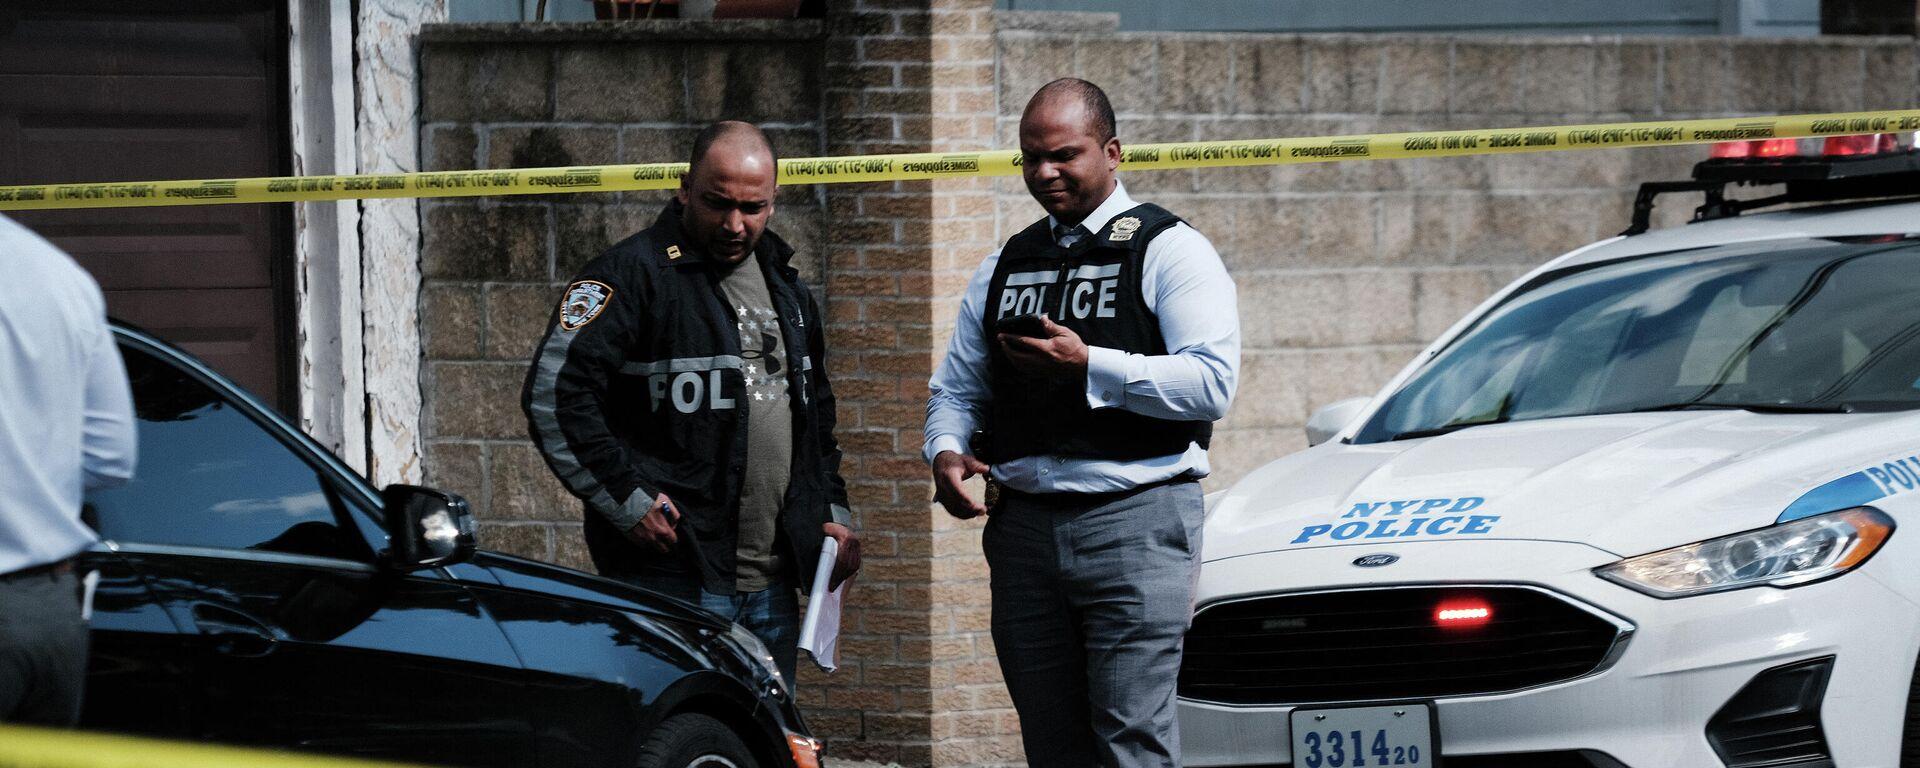 Die Polizei untersucht den Tatort in Brooklyn  - SNA, 1920, 06.07.2021